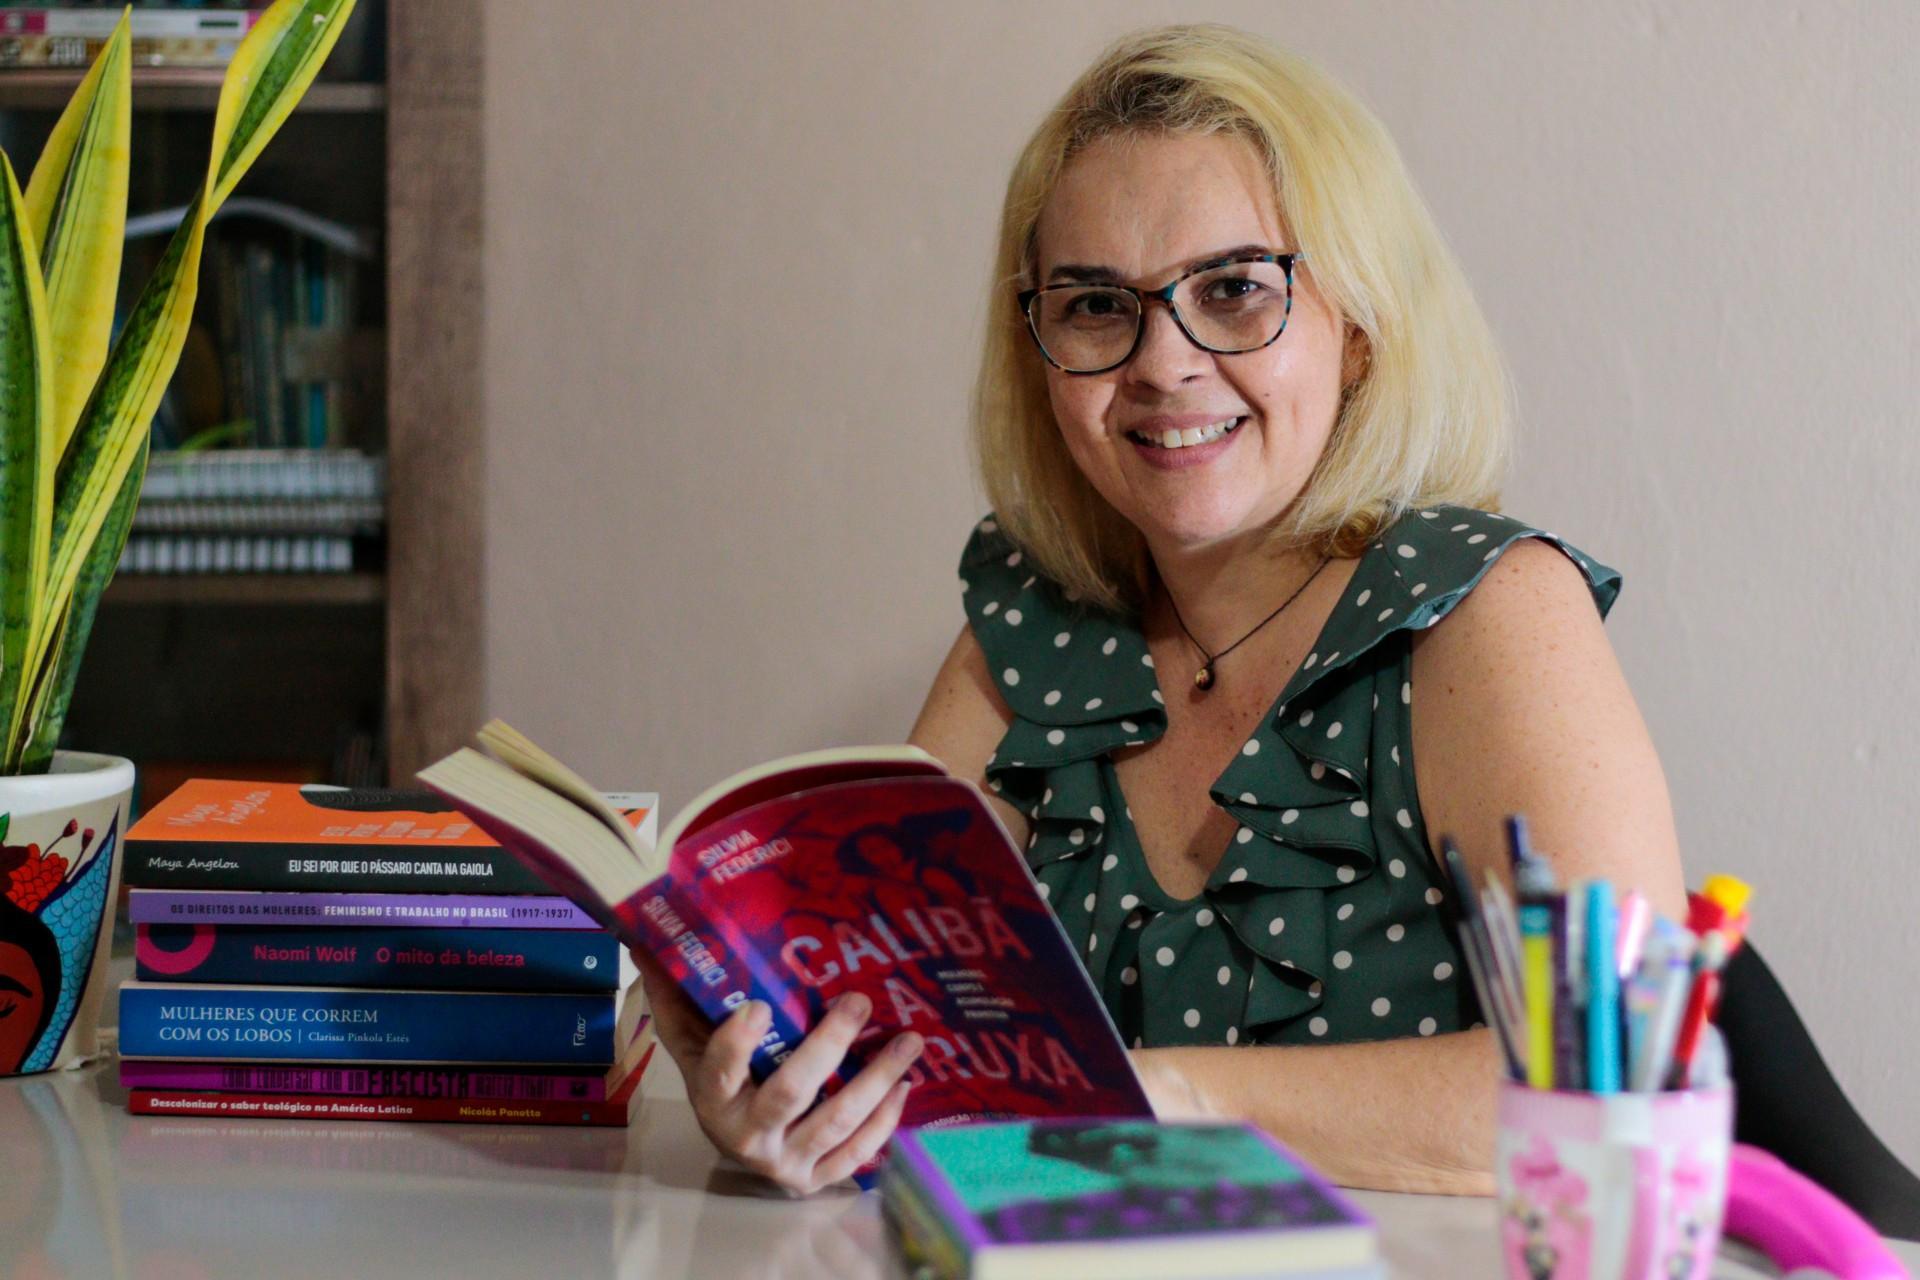 Andréa Lima é teóloga, feminista cristã e desde 2016 integra o Católicas pelo Direito de Decidir no Ceará (Foto: BARBARA MOIRA)